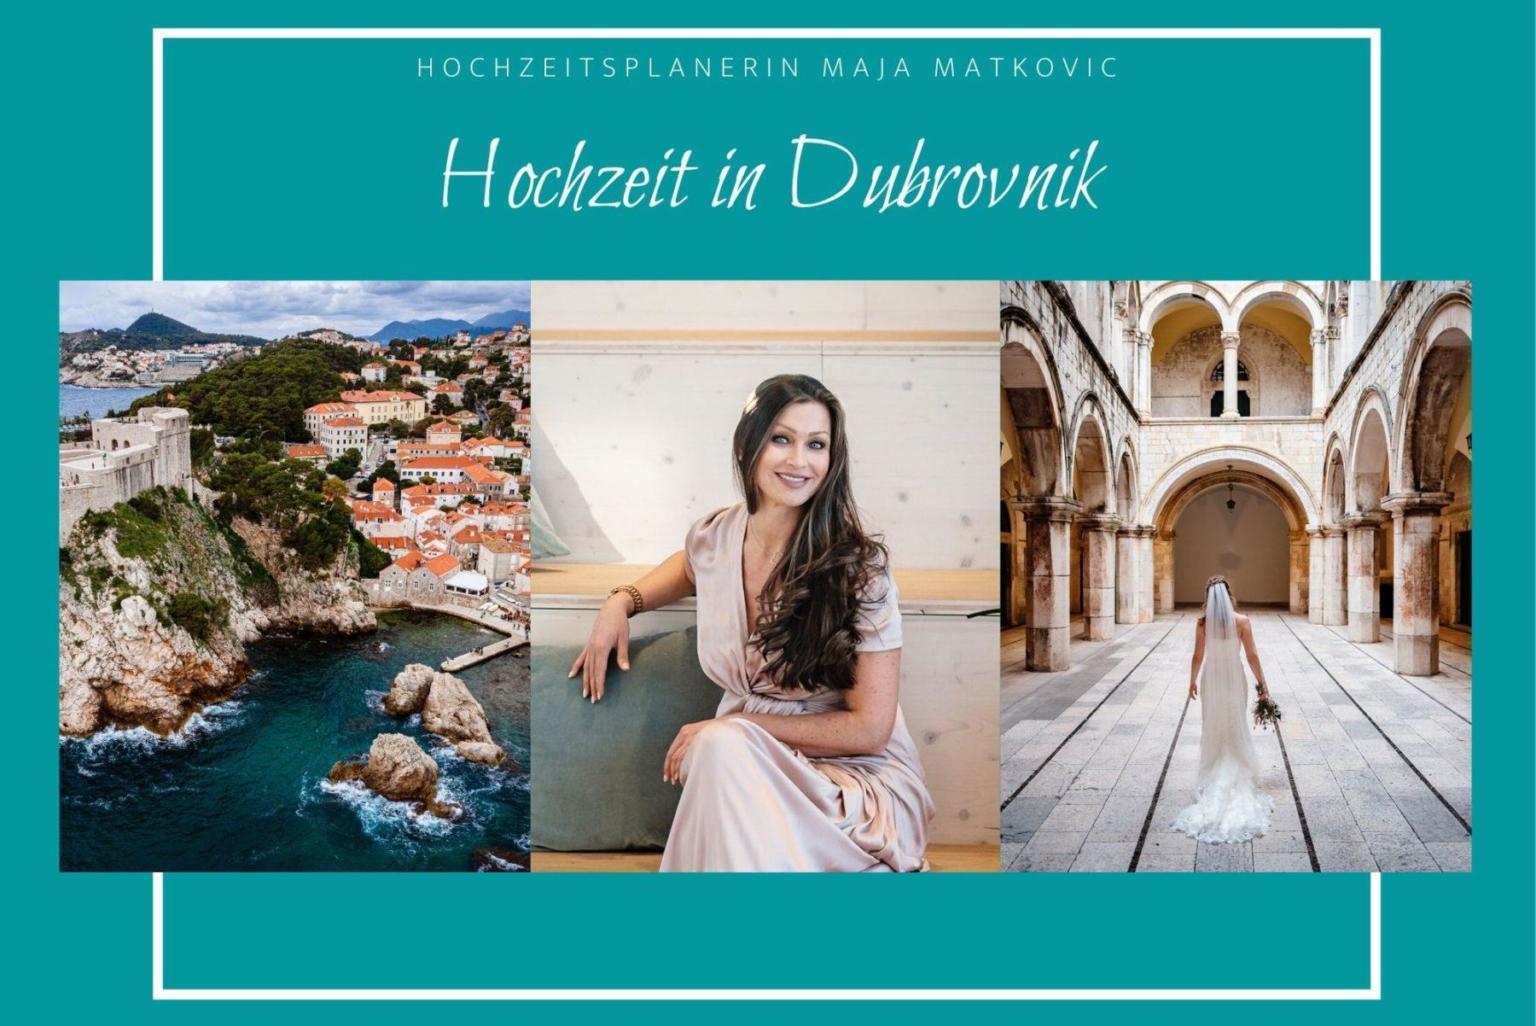 Hochzeit Dubrovnik heiraten hochzeitsplanung kroatien - Hochzeit in Dubrovnik